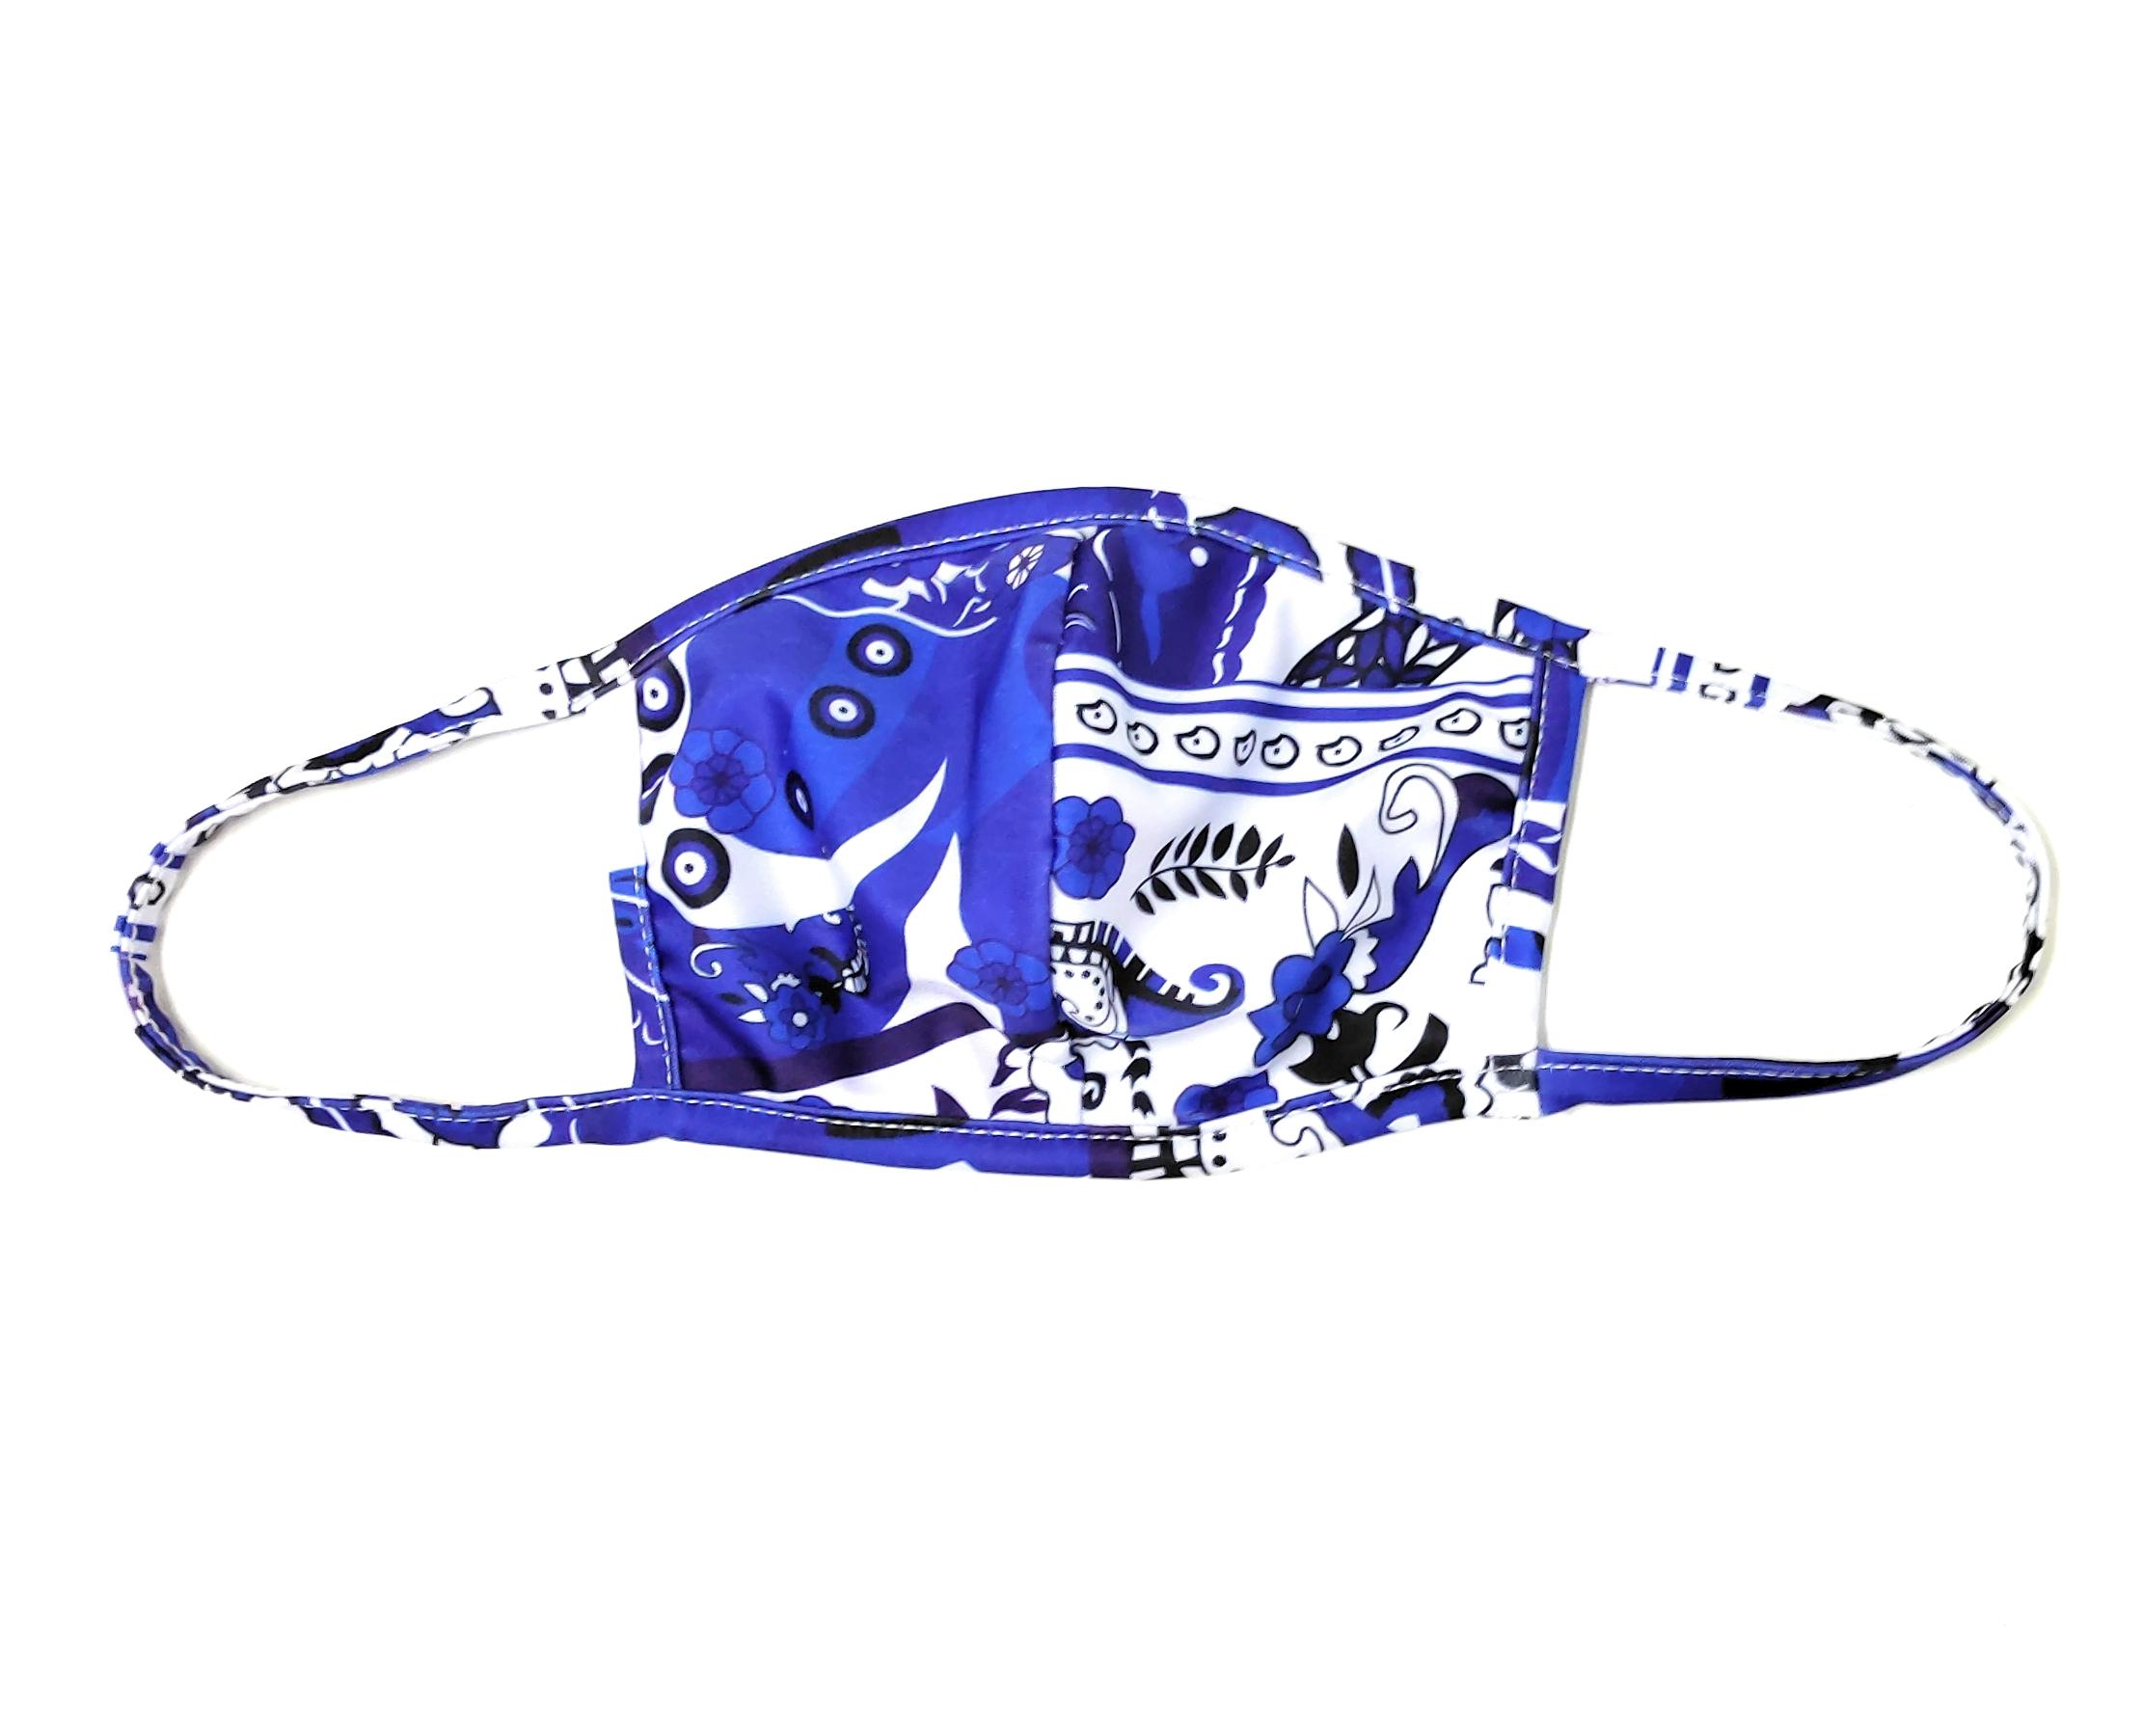 送料無料送料込み超お買い得オールシーズン対応水着素材水着マスク水着素材マスク送料無料洗って使えるマスク水着素材マスク洗える3D立体構造乾きやすい伸縮性あり紫外線カット布mask繰り返し